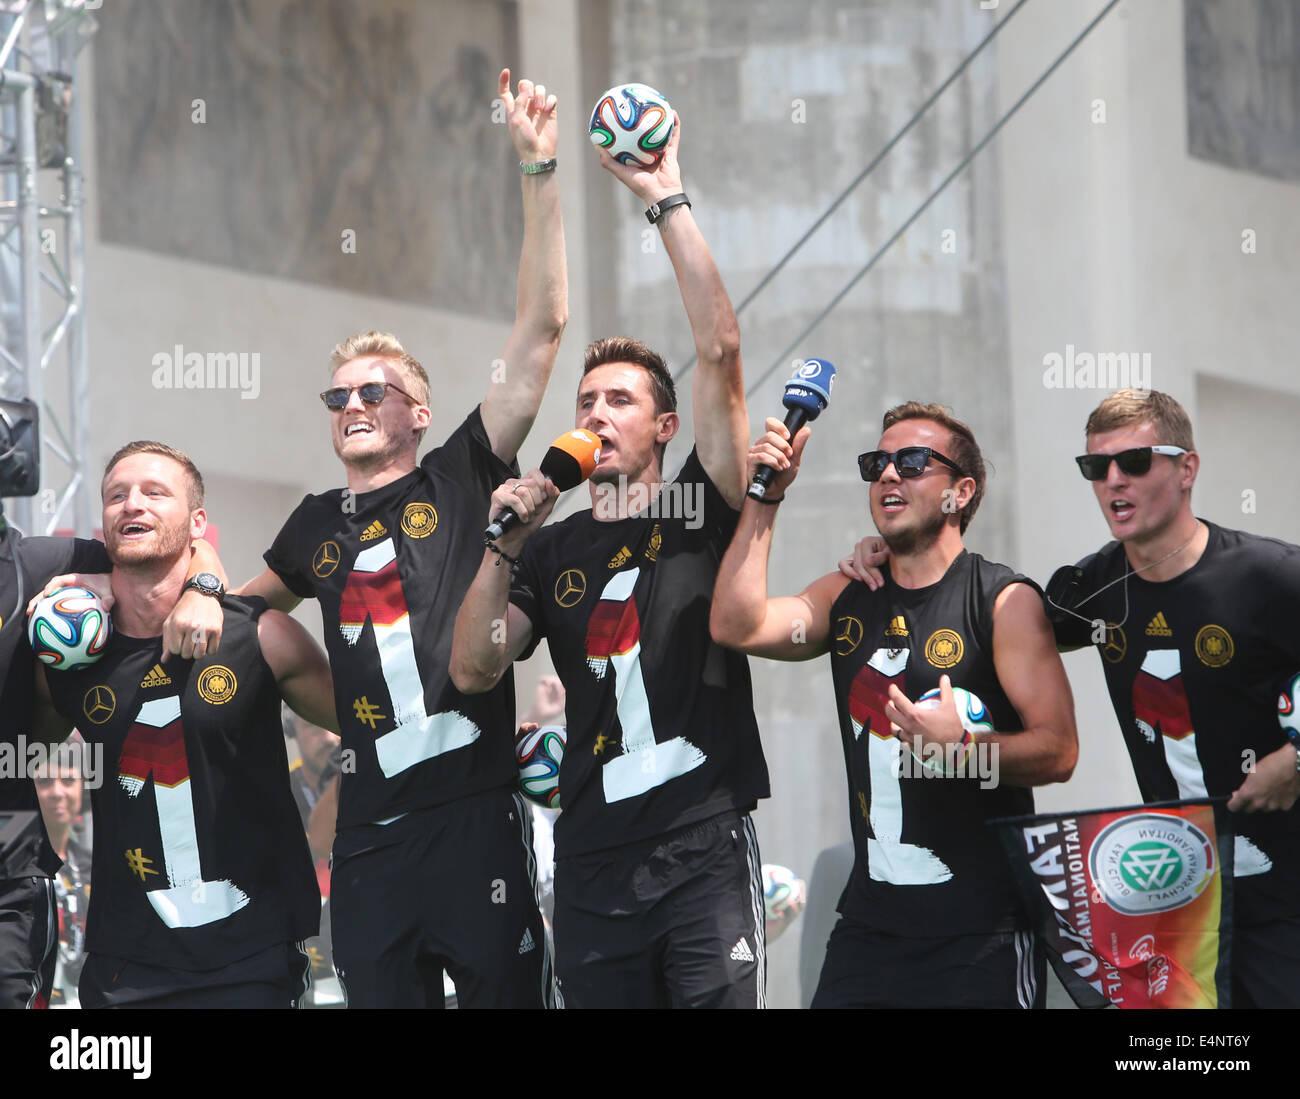 Berlin Deutschland 15 Juli 2014 Deutsche Fussball Spieler